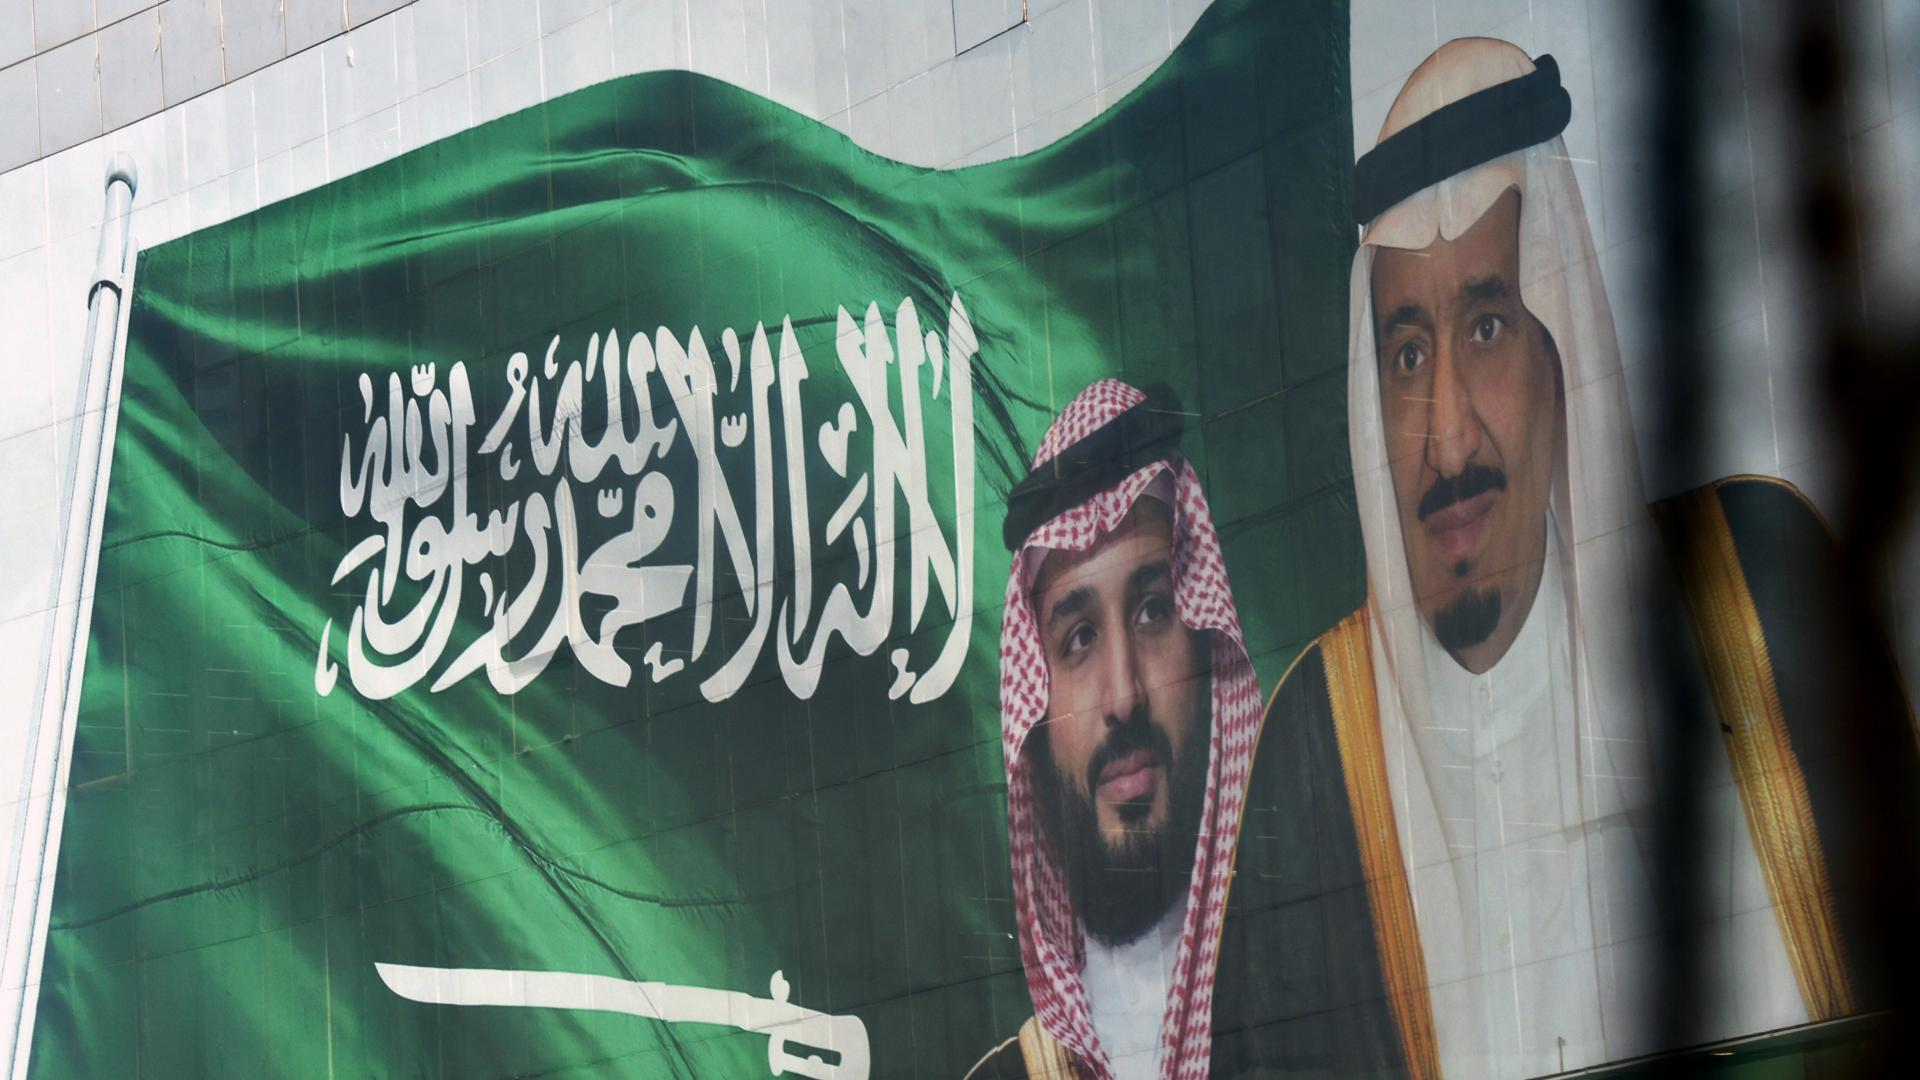 """بعد انتهاء تقرير الفساد بالسعودية.. تداول فيديو لعربي غاضب بمطار: """"لازم محمد بن سلمان يحكمكم"""""""